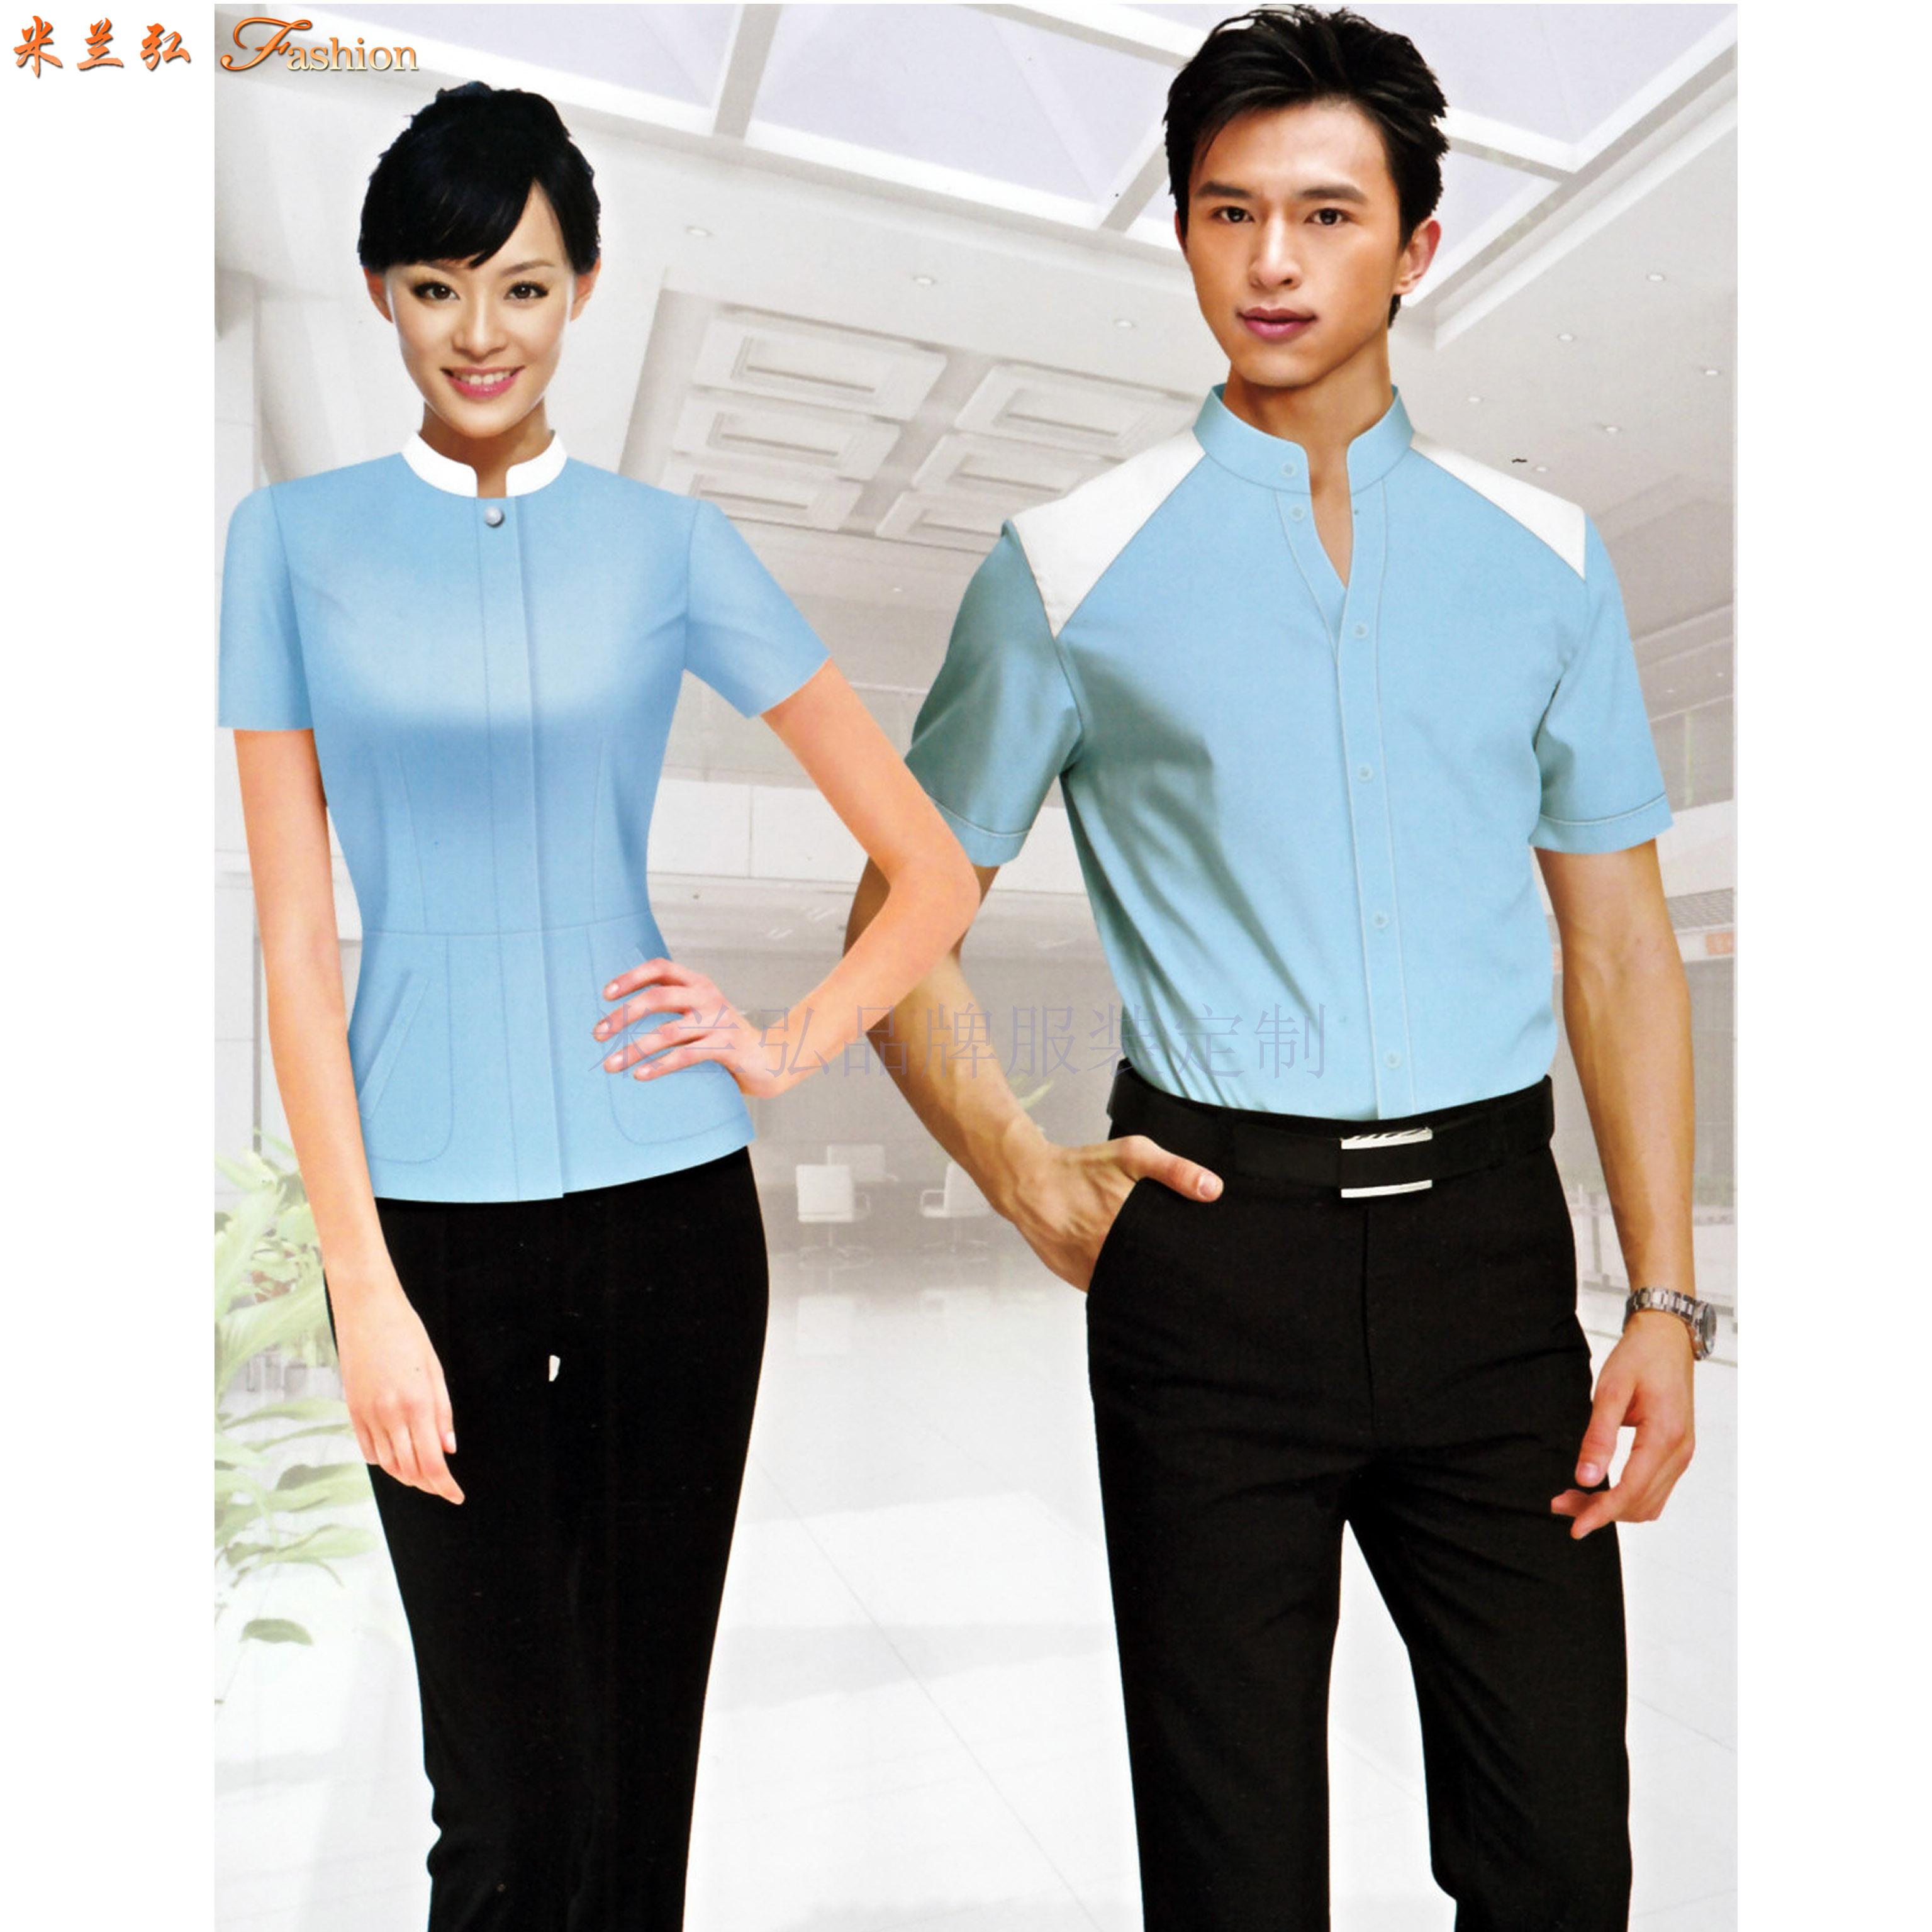 「短袖工作服」供应订制企业夏天凉爽短袖衬衫套装-米兰弘服装-3